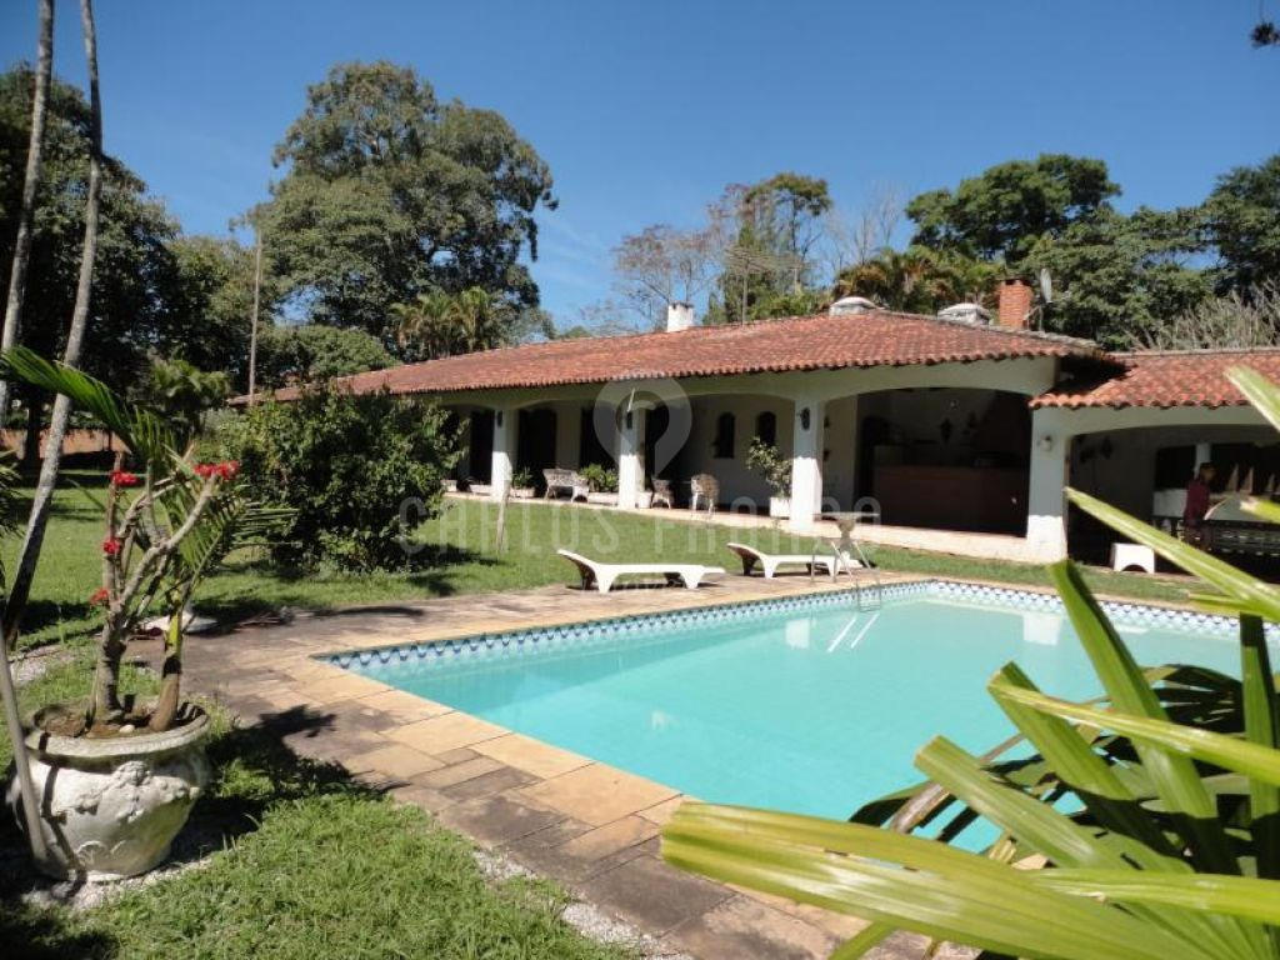 Chácara à venda/aluguel, Jardim Represa, São Paulo